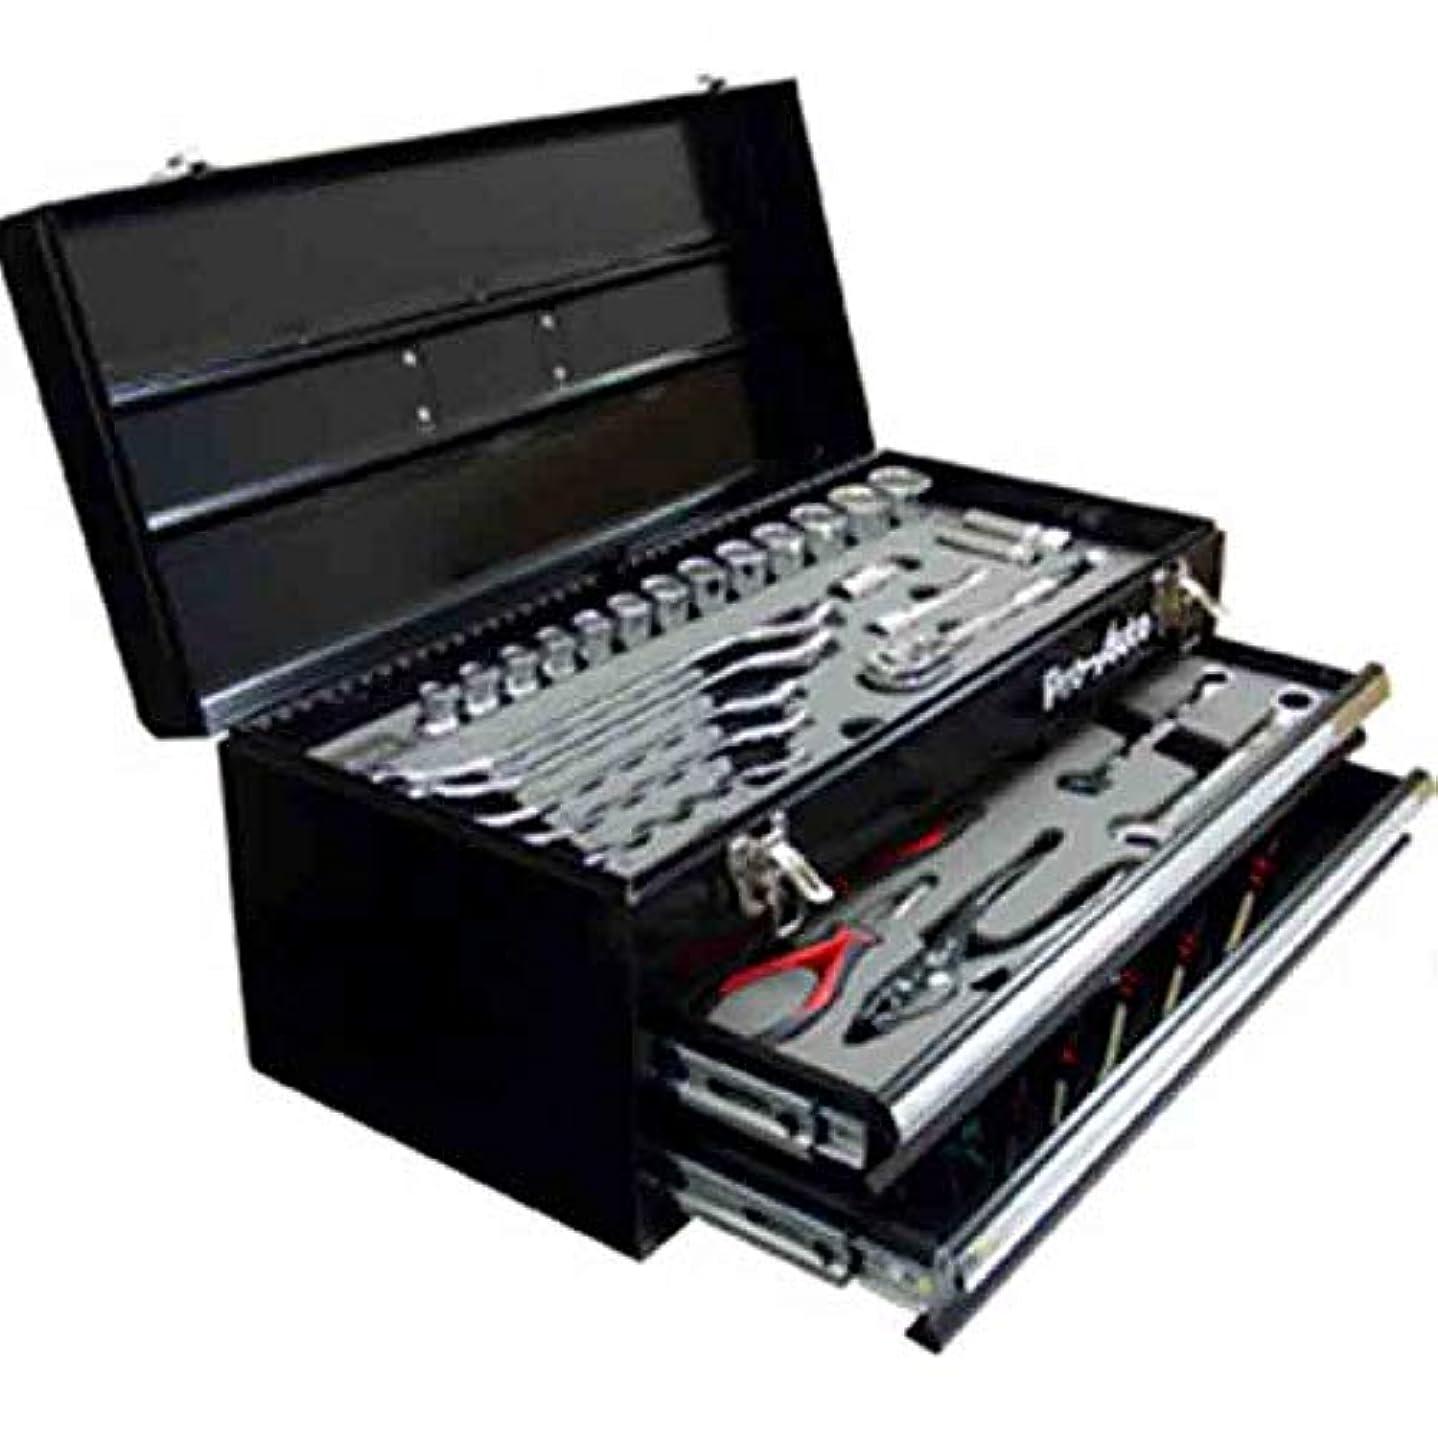 土地抵当繊毛プロ仕様40点工具セット KAZ-40PC ソケット ジョイント プライヤー レンチ ニッパー ドライバーなど 和C 代不